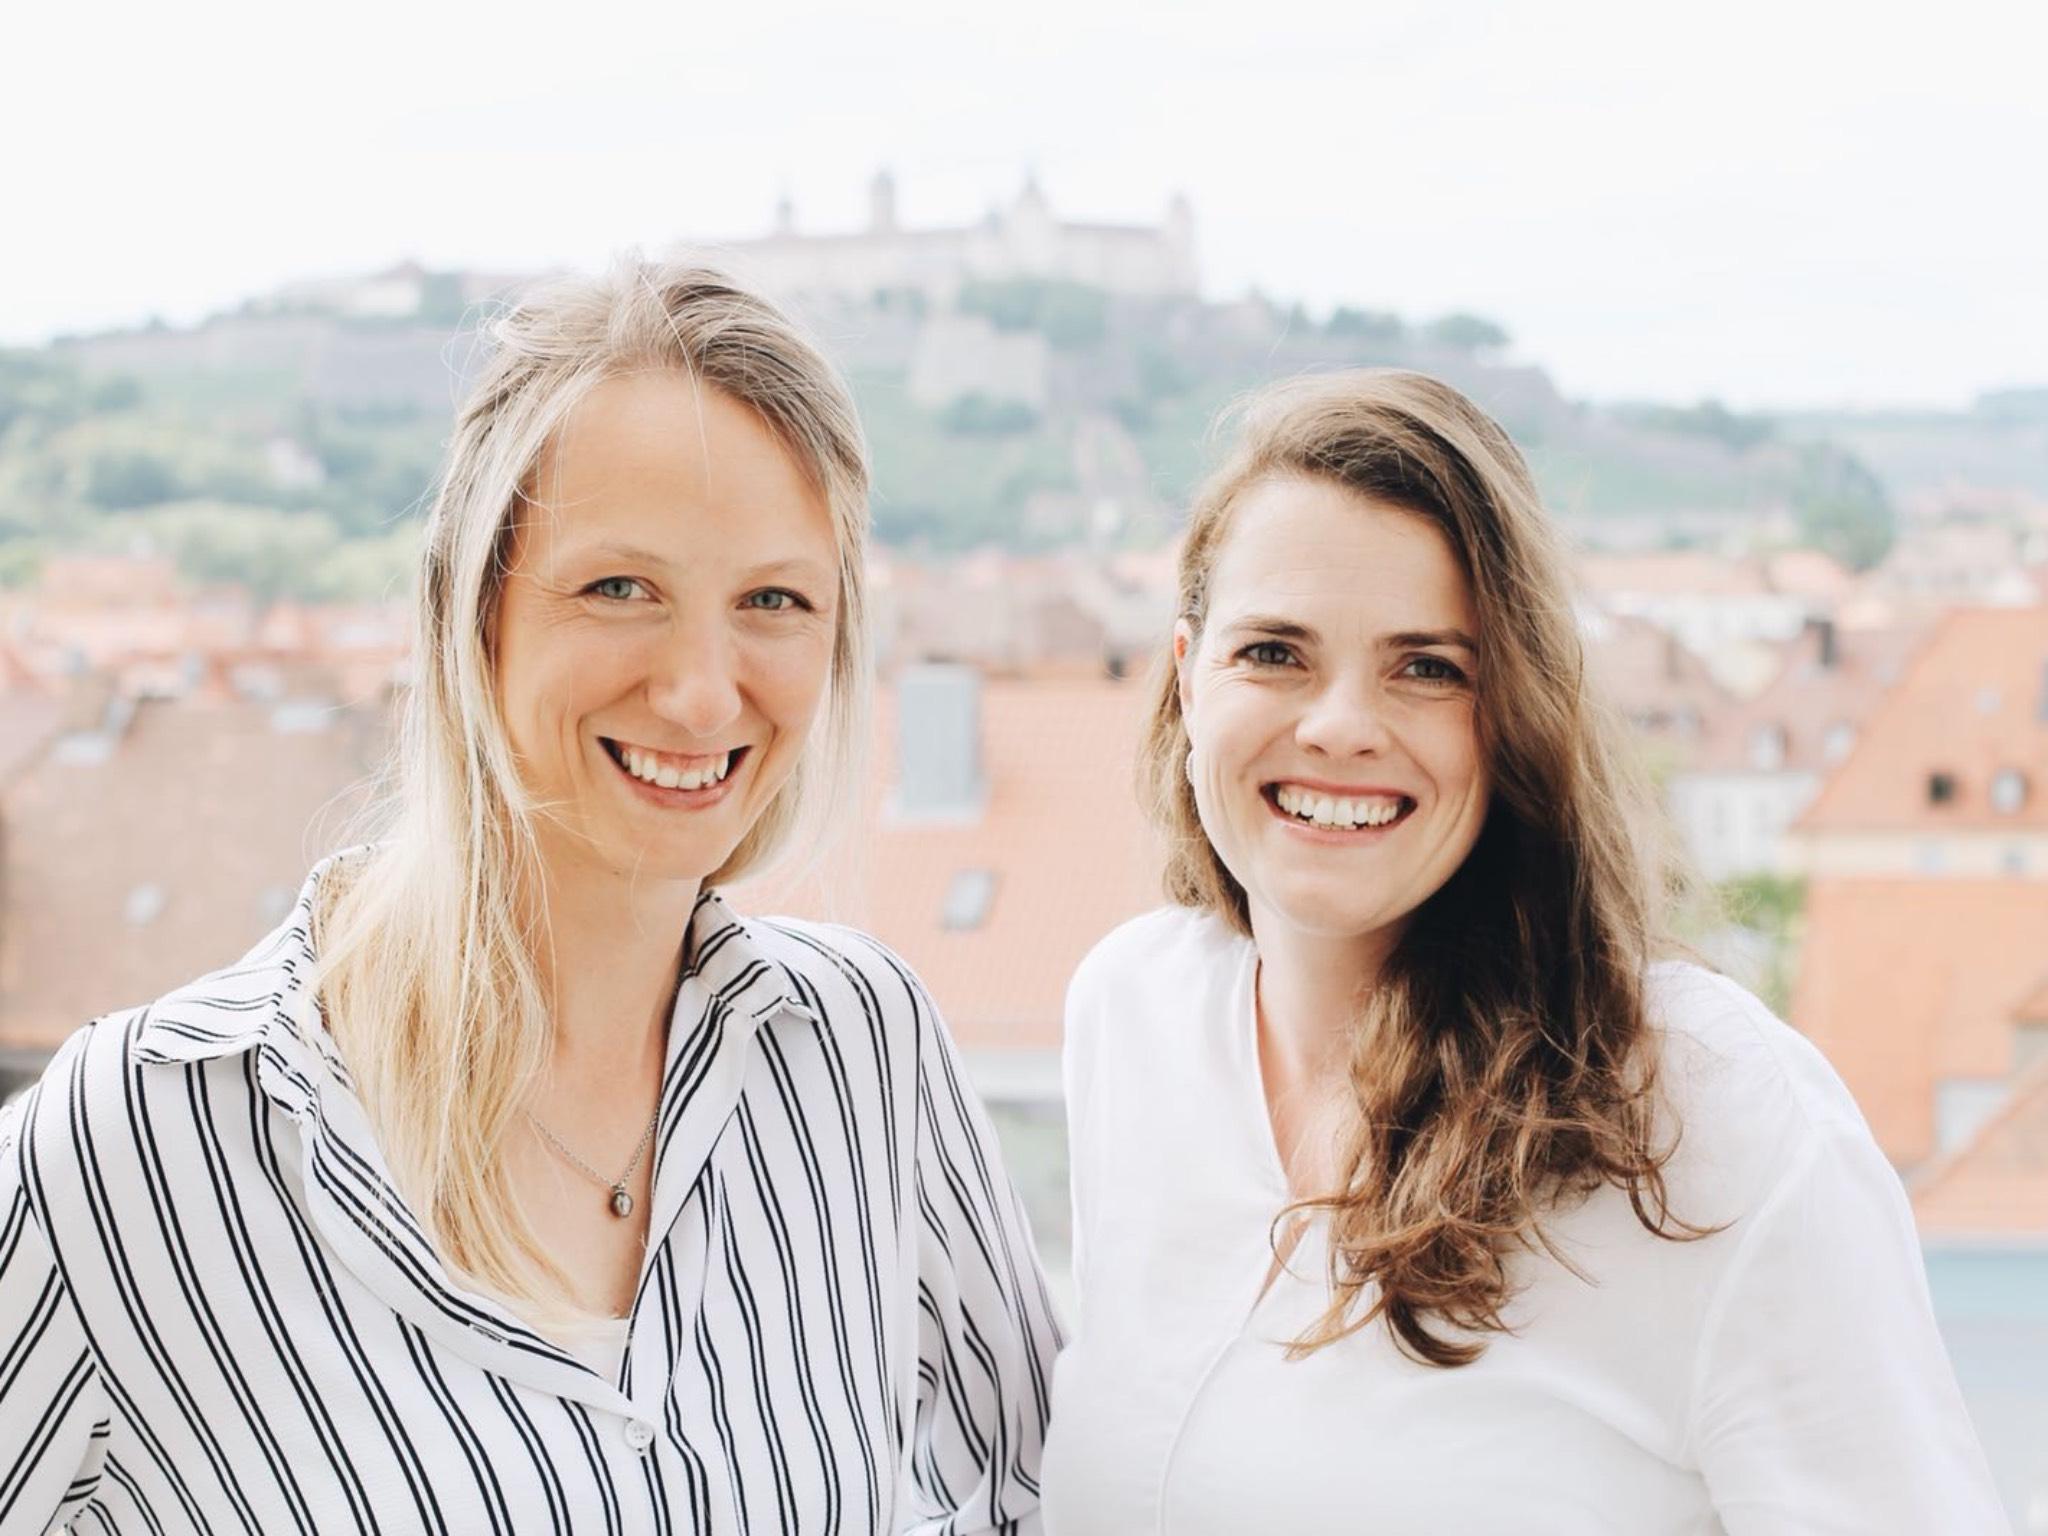 Ihr Ziel: Würzburger Familien mit hilfreichen Tipps unterstützen. Foto: Setta Leckert/ Julia Amann